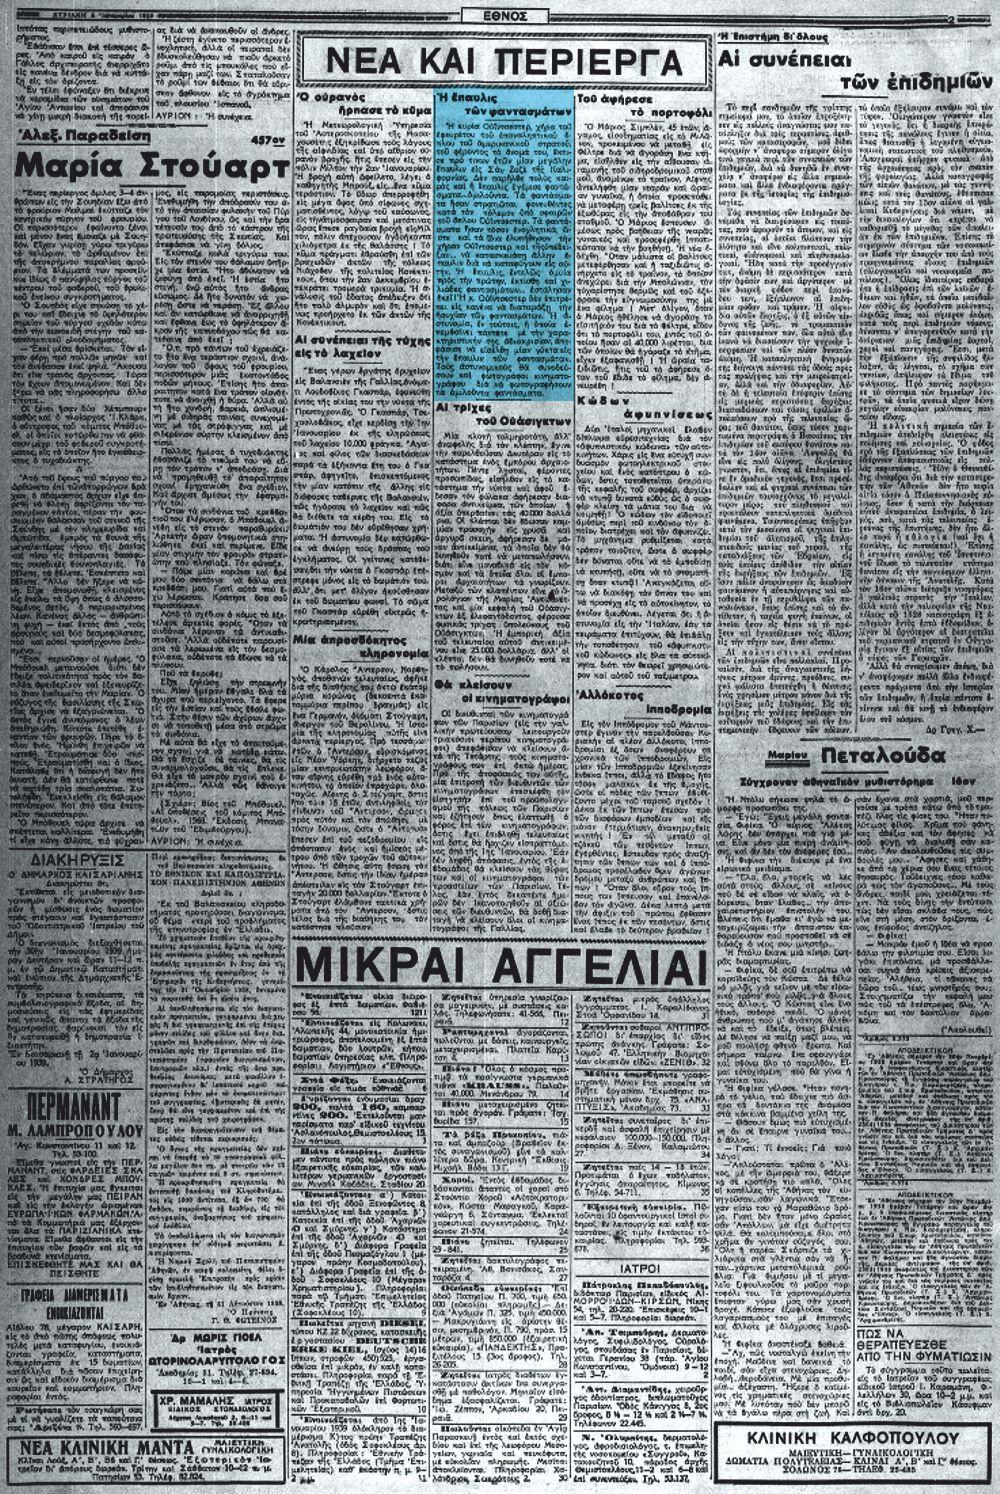 """Το άρθρο, όπως δημοσιεύθηκε στην εφημερίδα """"ΕΘΝΟΣ"""", στις 08/01/1939"""